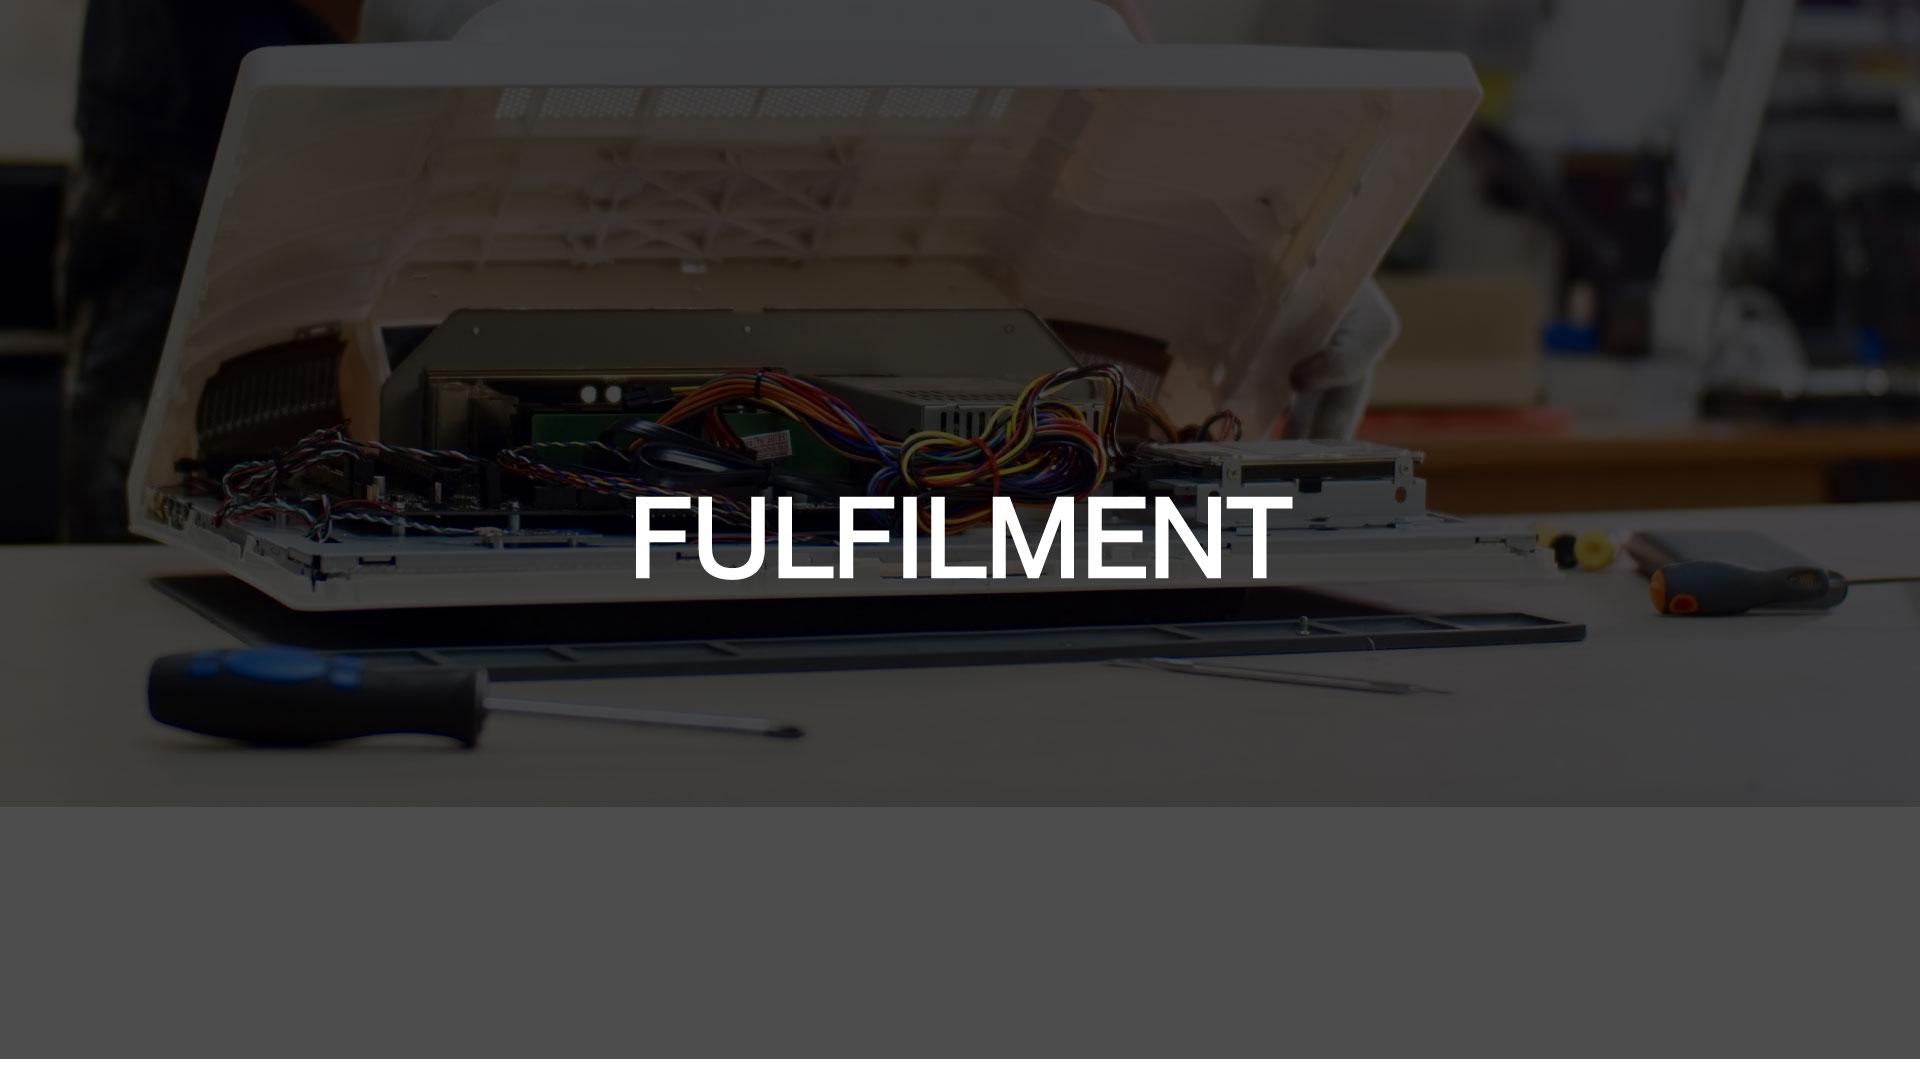 FULFILMENT-BANNER